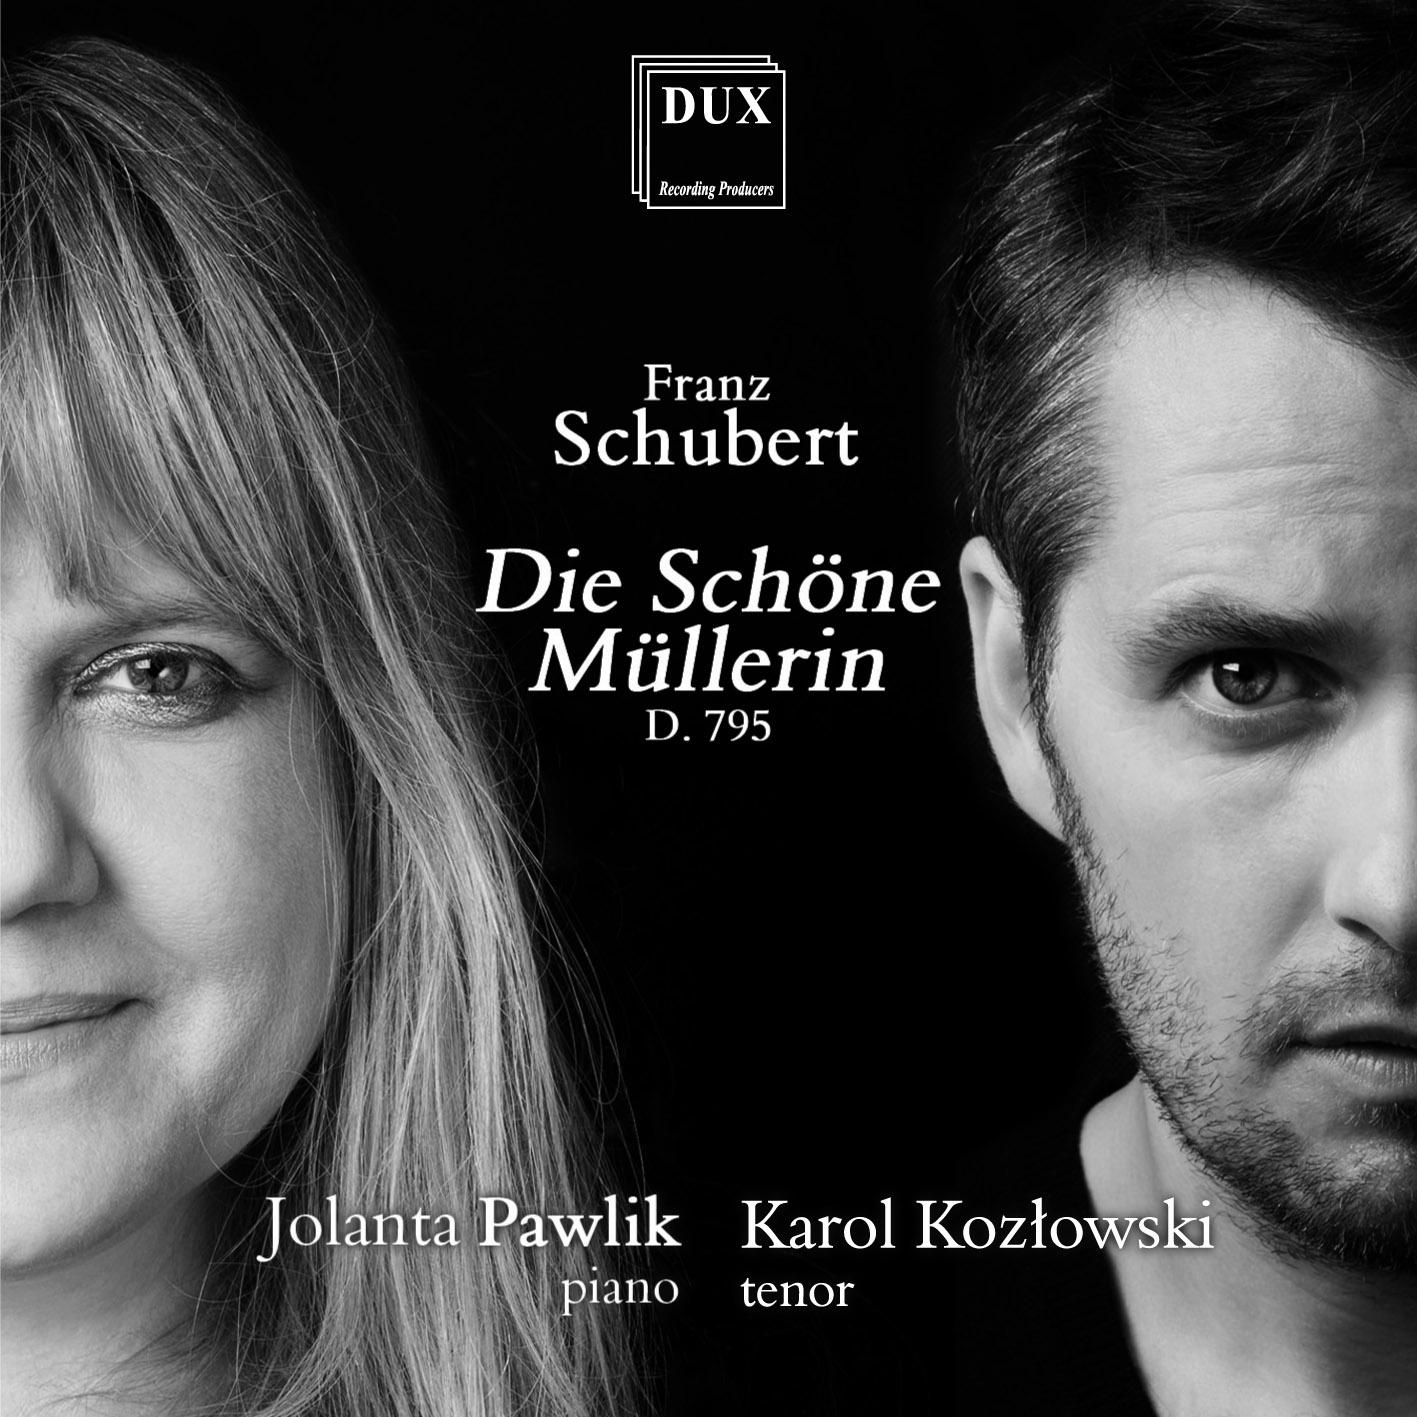 F.Schubert- Die schöne Müllerin -wydawca DUX 2012 - wyk.Karol Kozłowski-tenor; Jolanta Pszczółkowska-Pawlik-fortepian